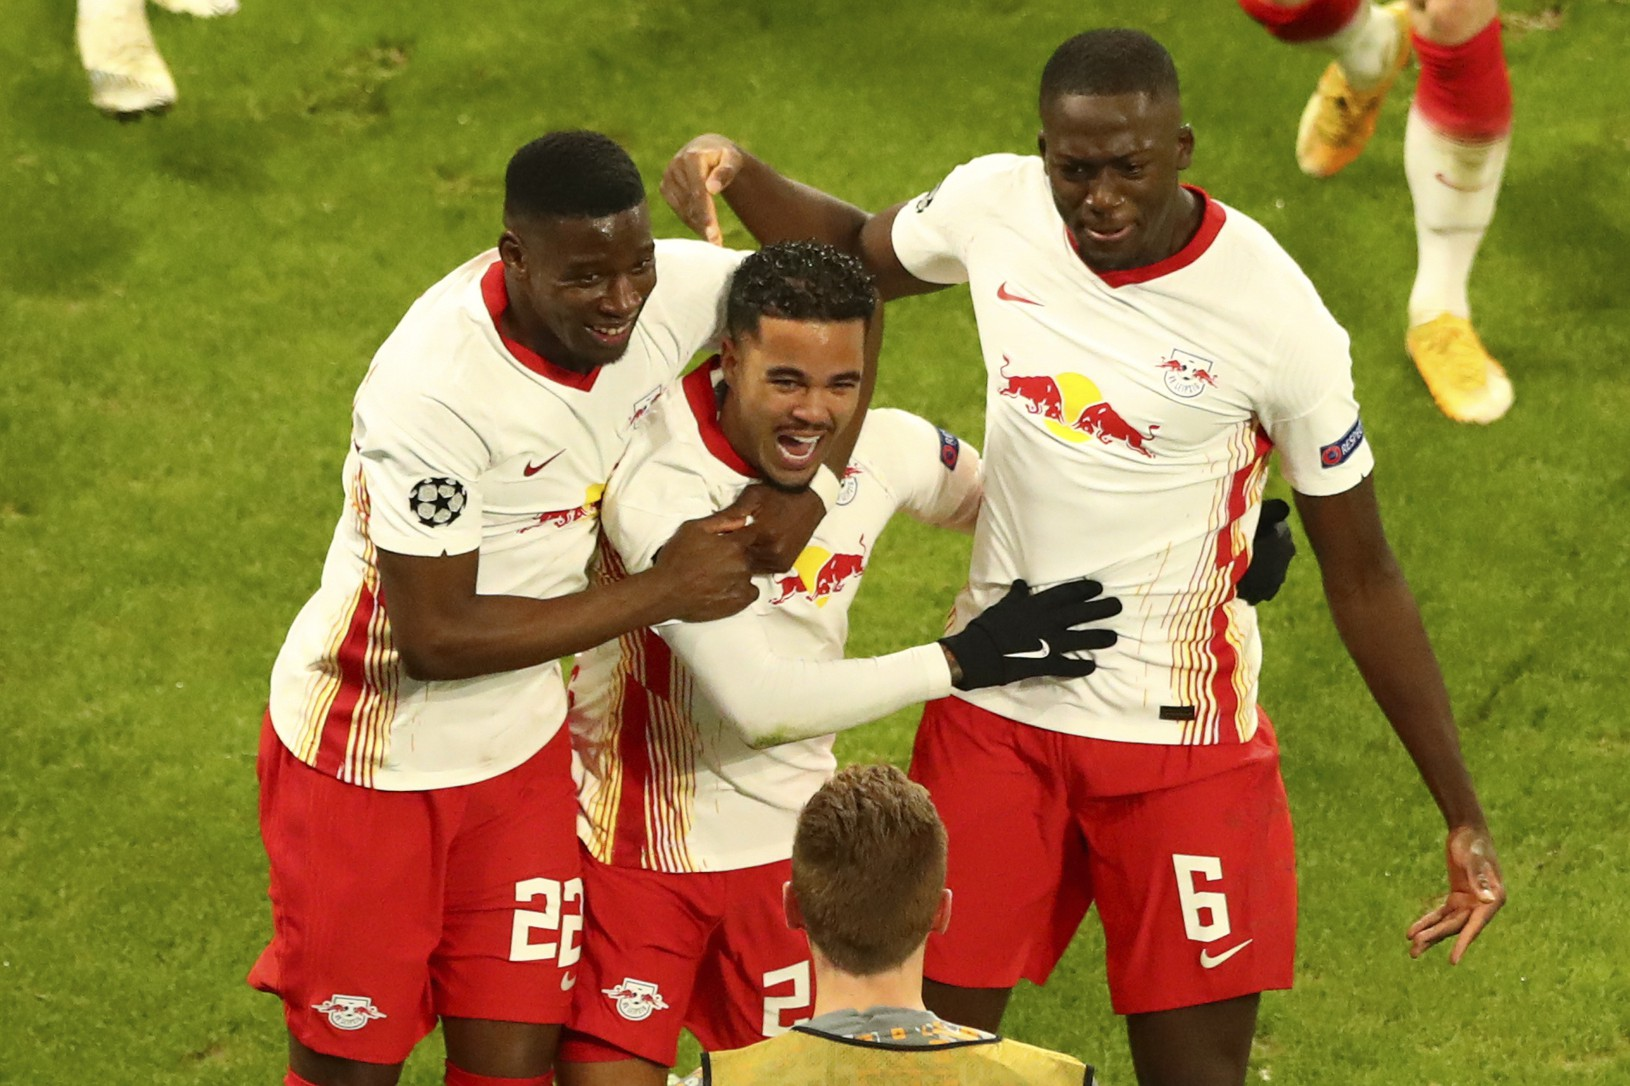 Radosť futbalistov Lipska